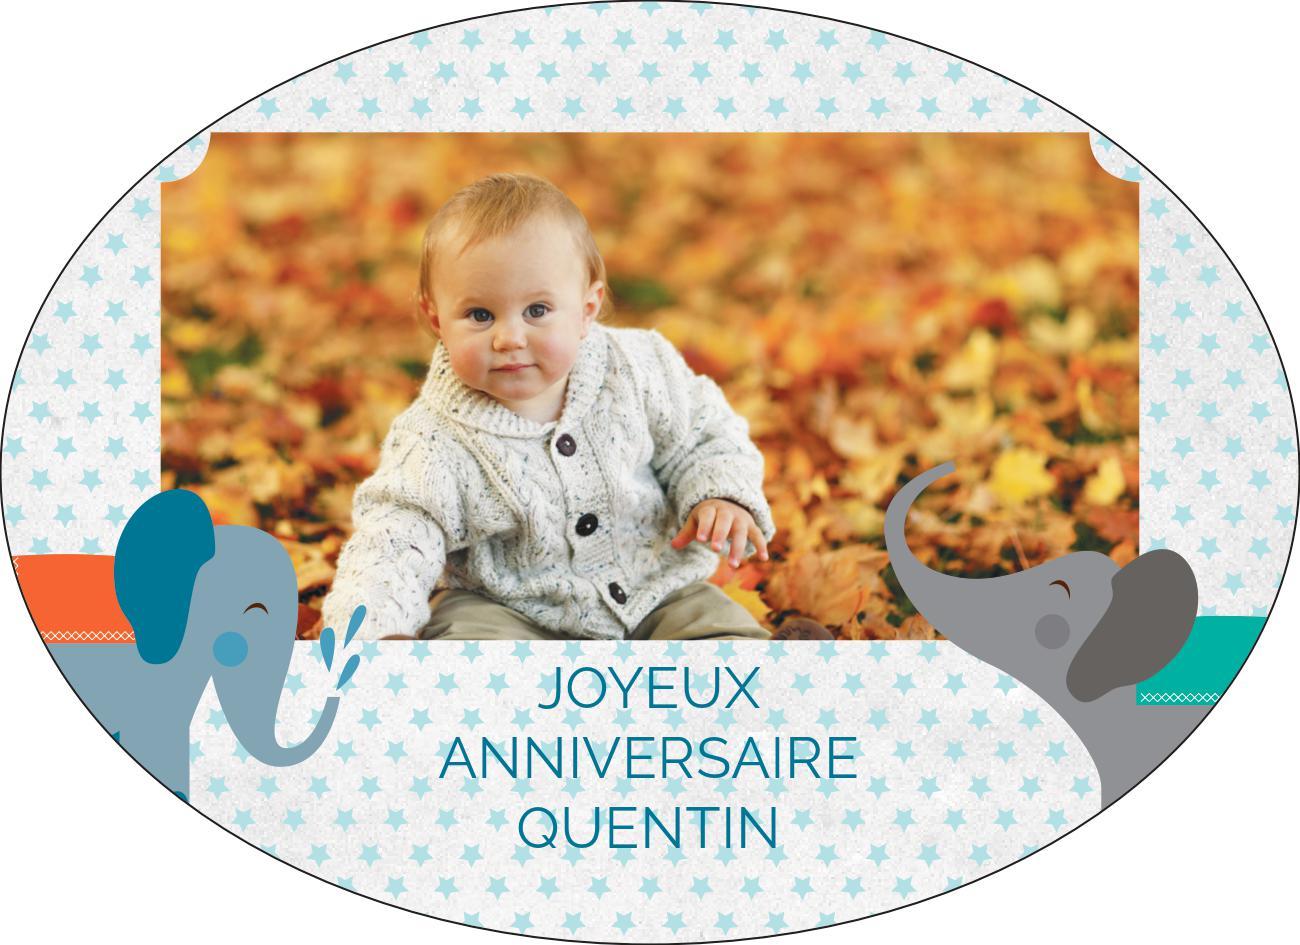 birthday-children-quentin_has-image